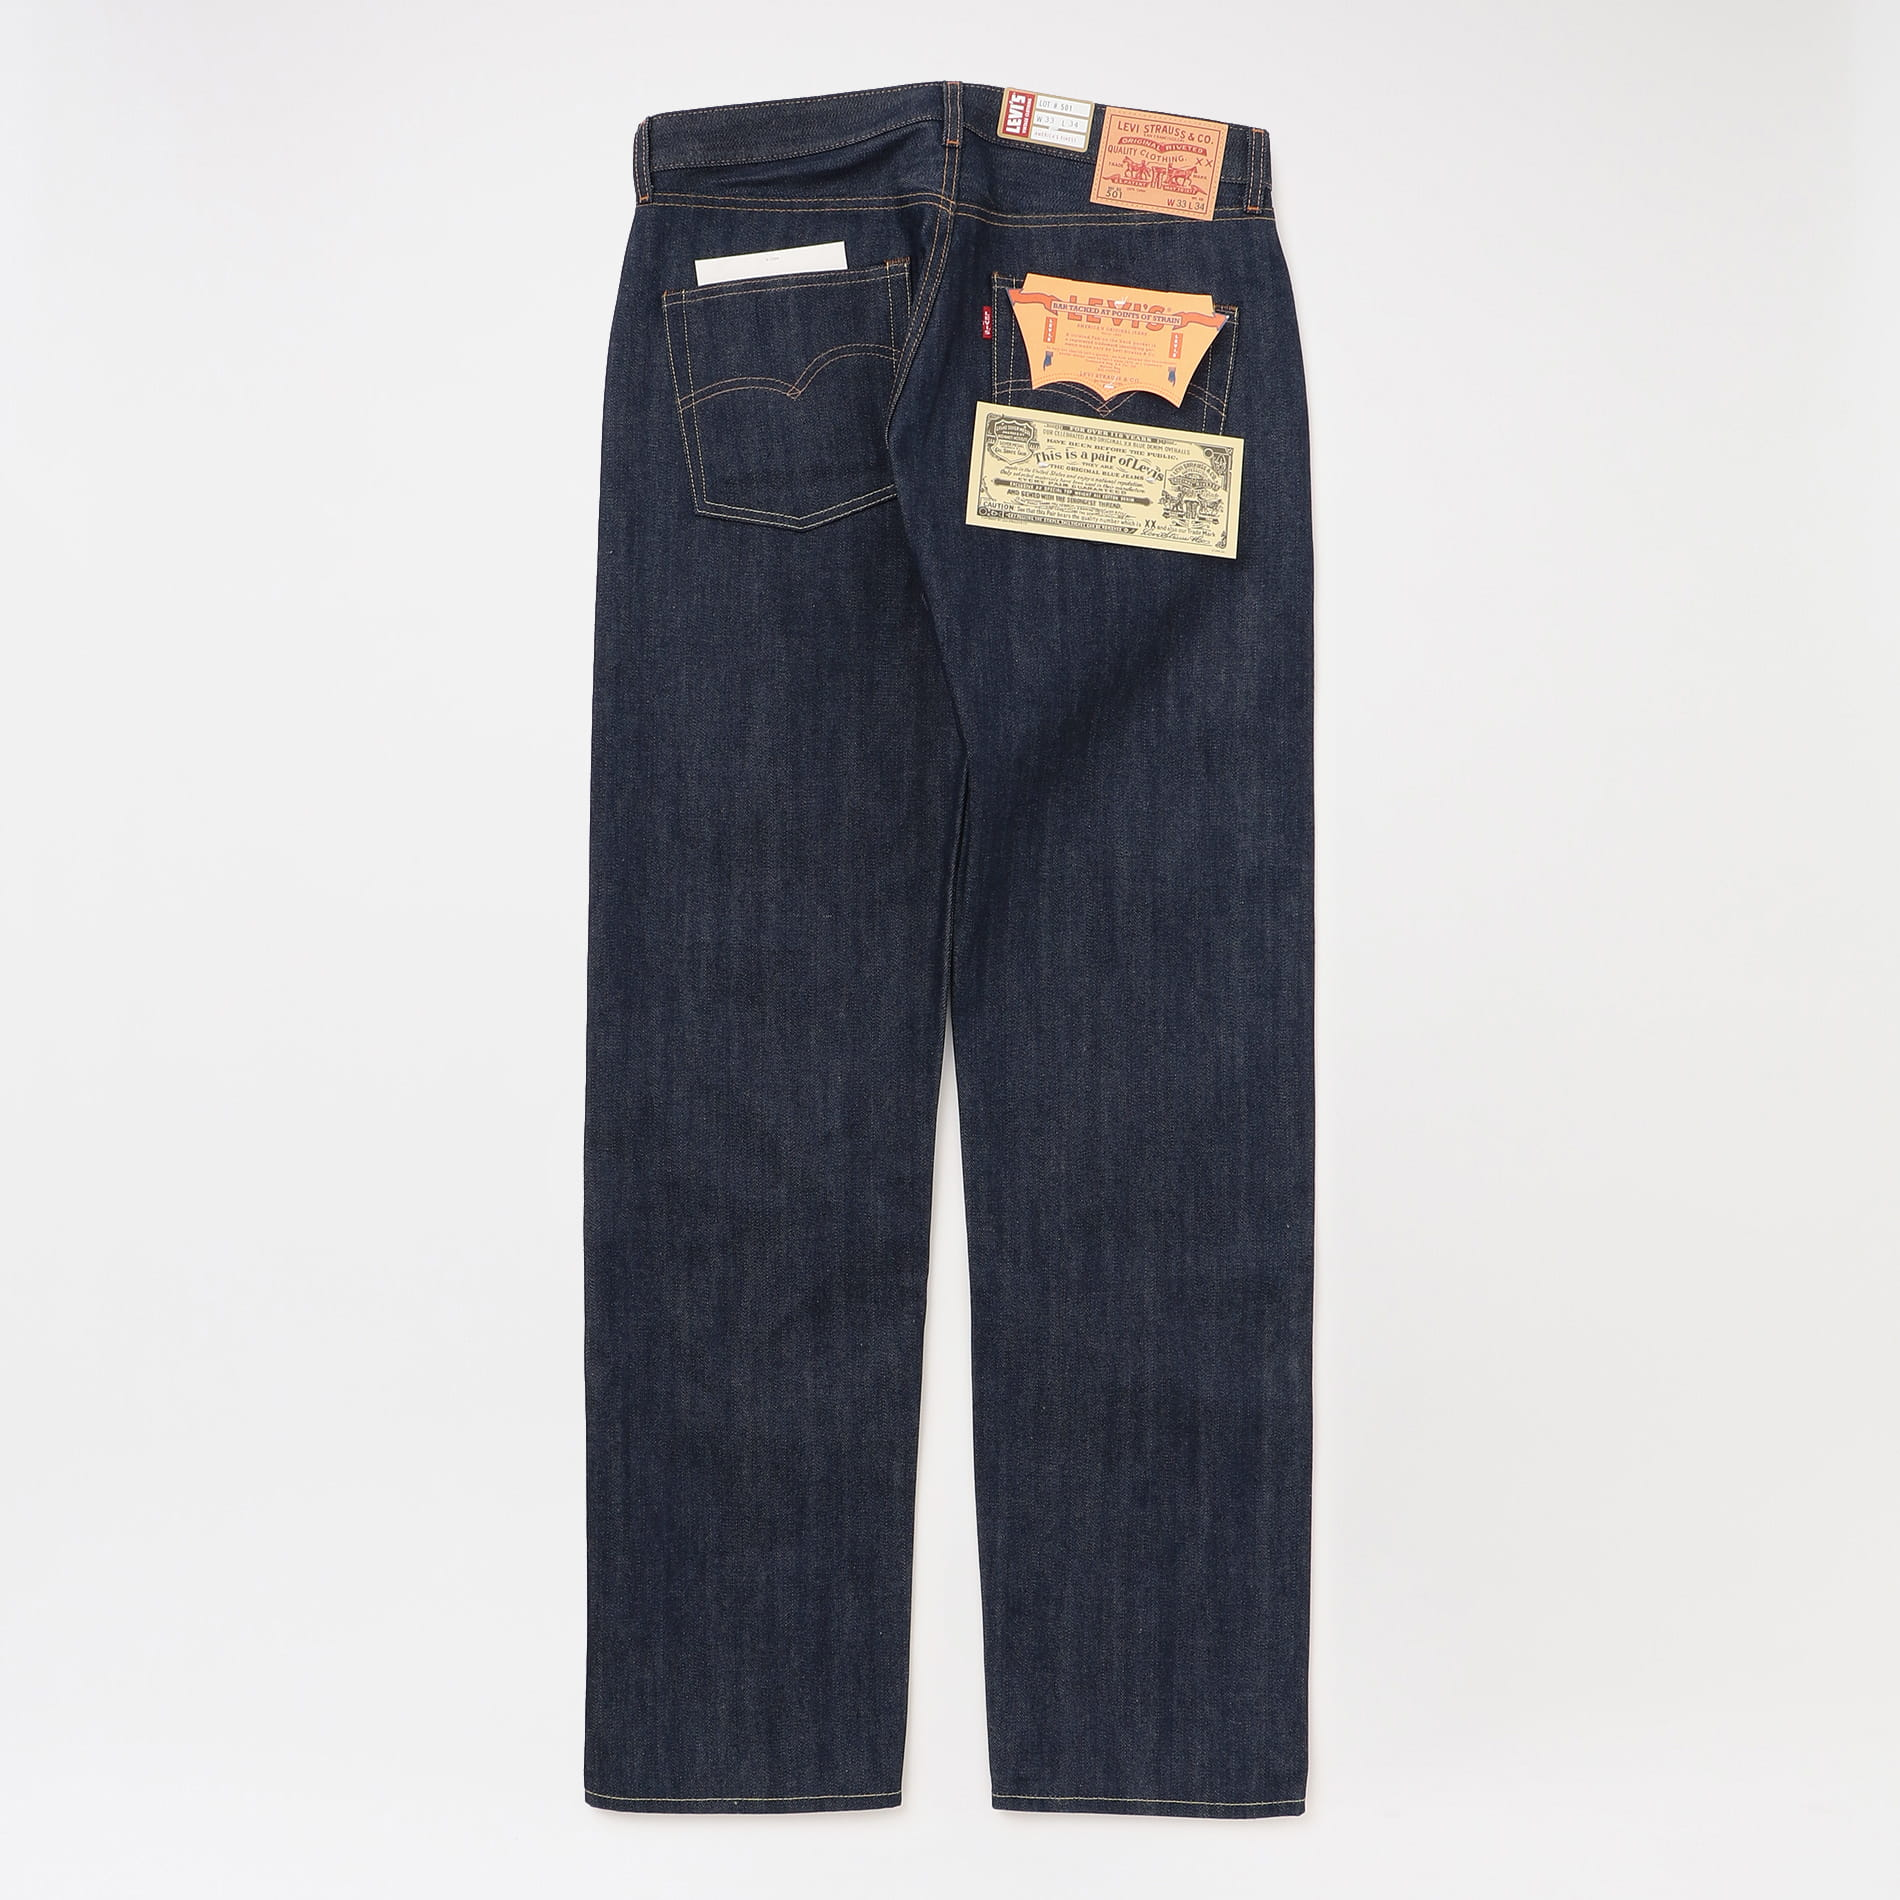 【返品送料無料】【LEVI'S VINTAGE CLOTHING】MEN 1966 501 JEANS 66501-0135